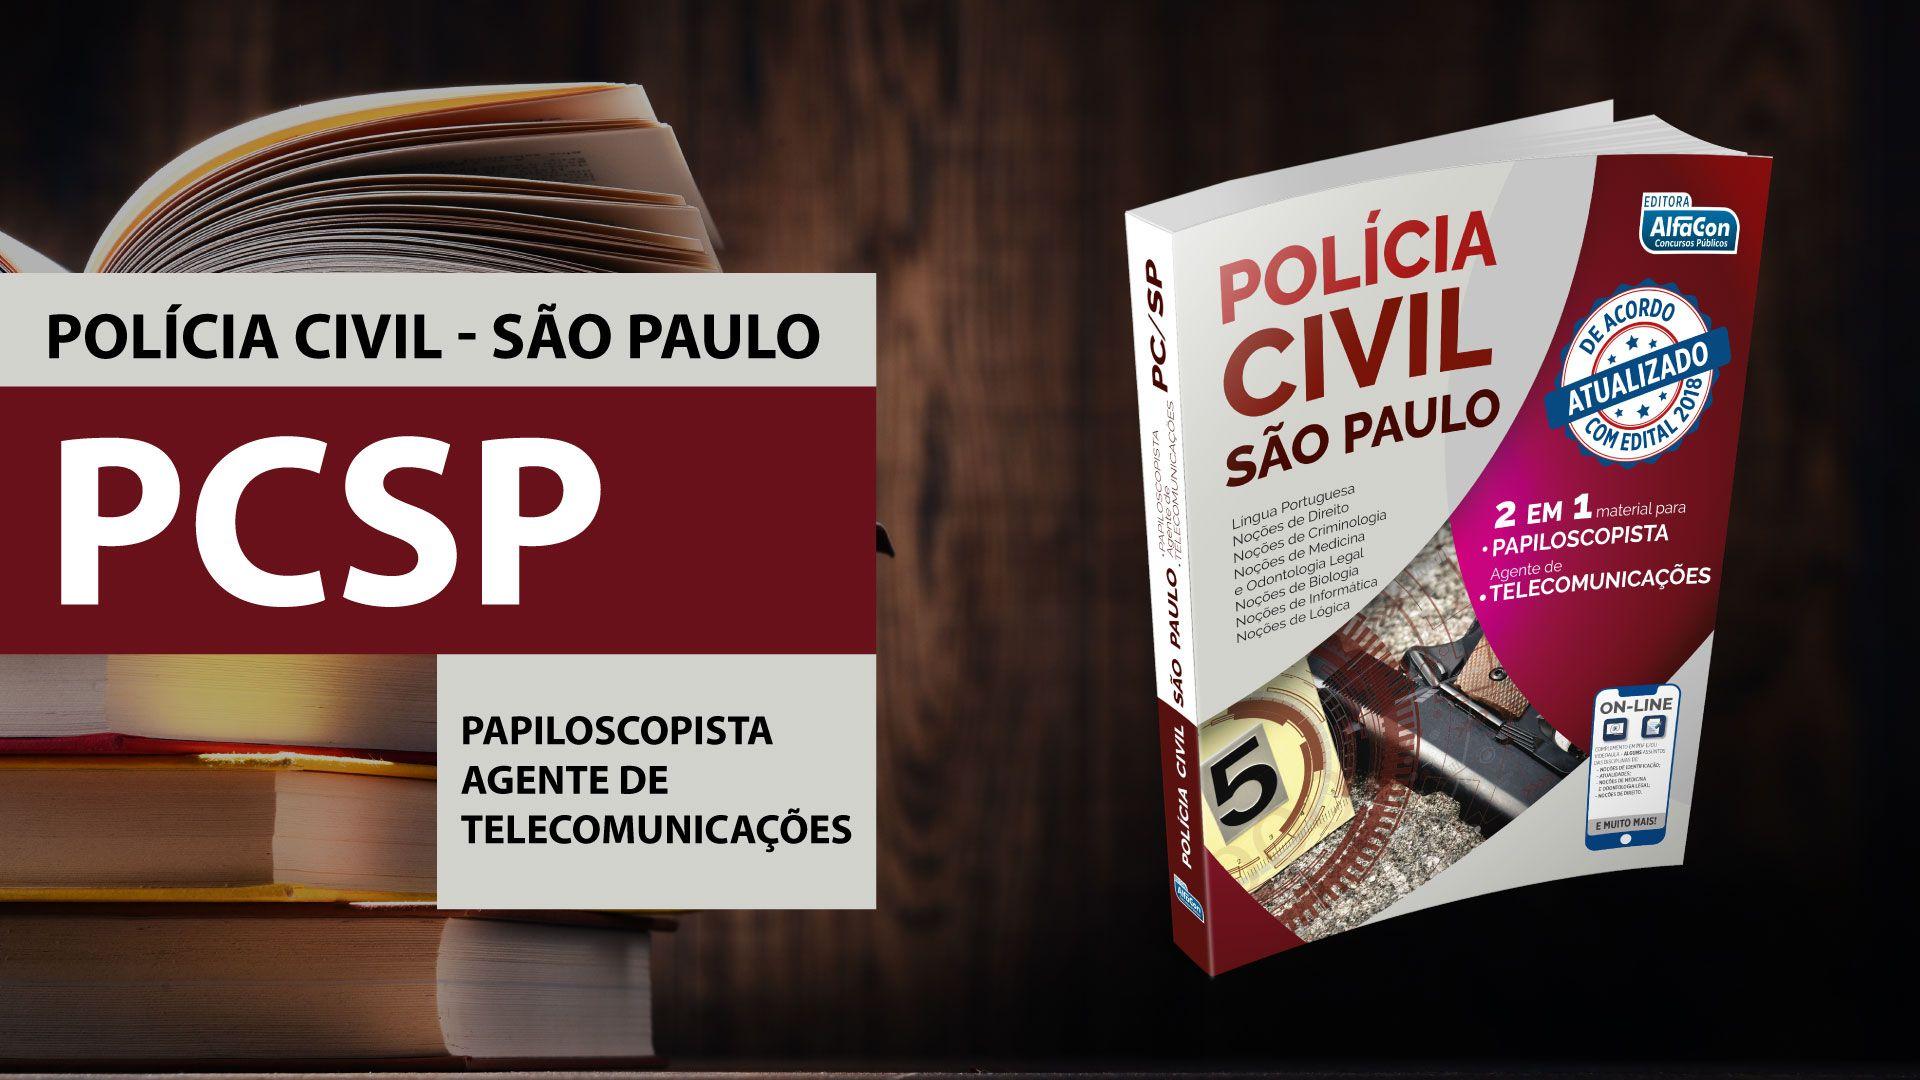 Apostila Policia Civil De Sao Paulo 2 Em 1 Papiloscopista E